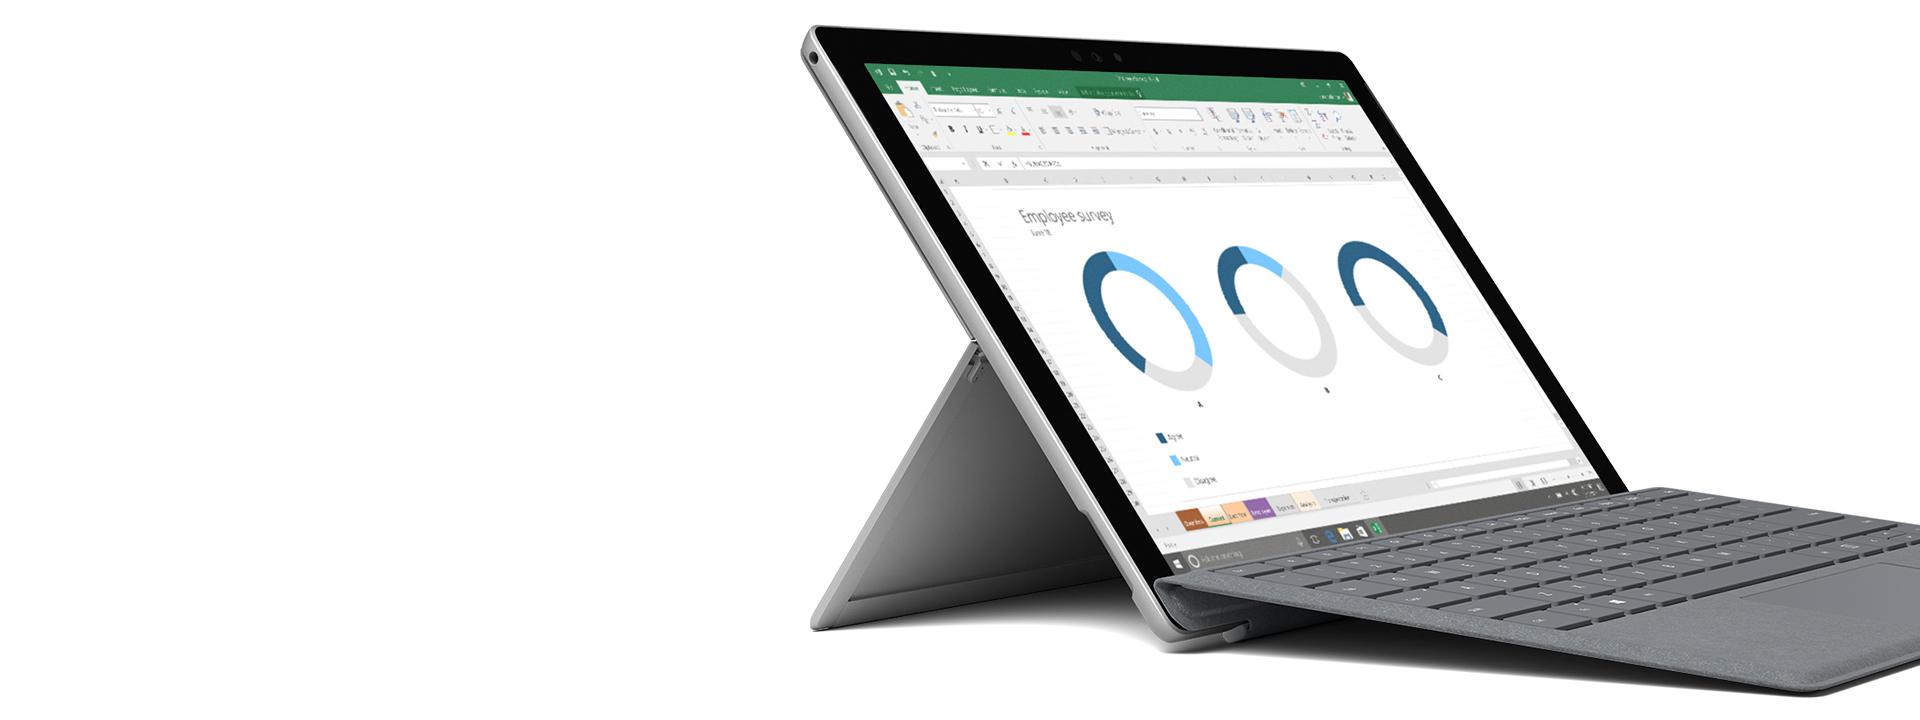 Surface-enhed vist med skærmbillede af Windows/Office.